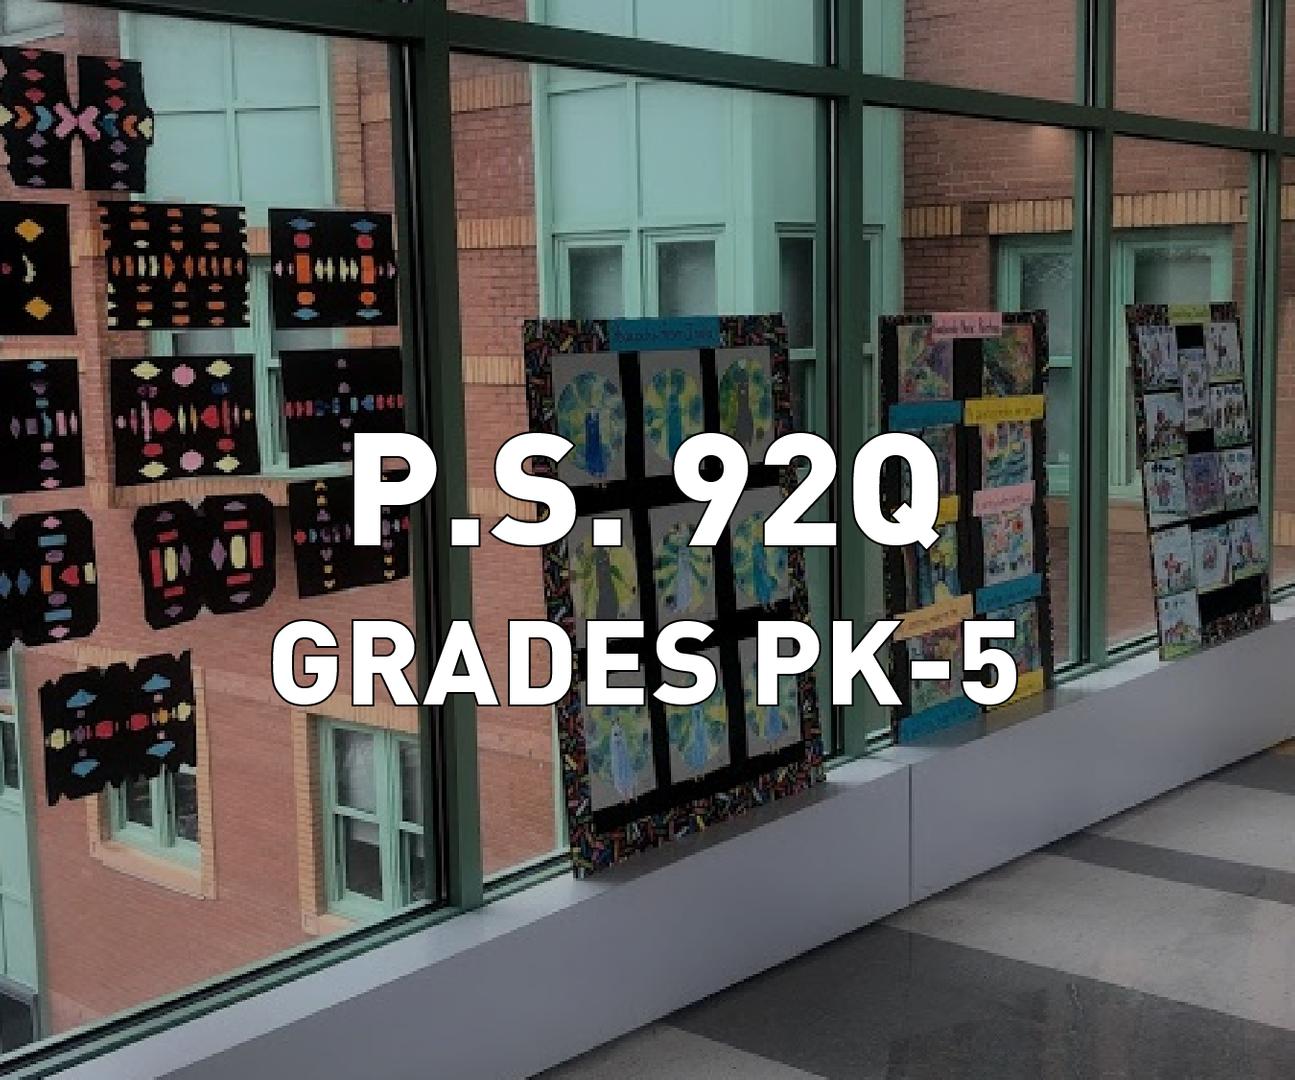 P.S. 92Q Grades PK-5